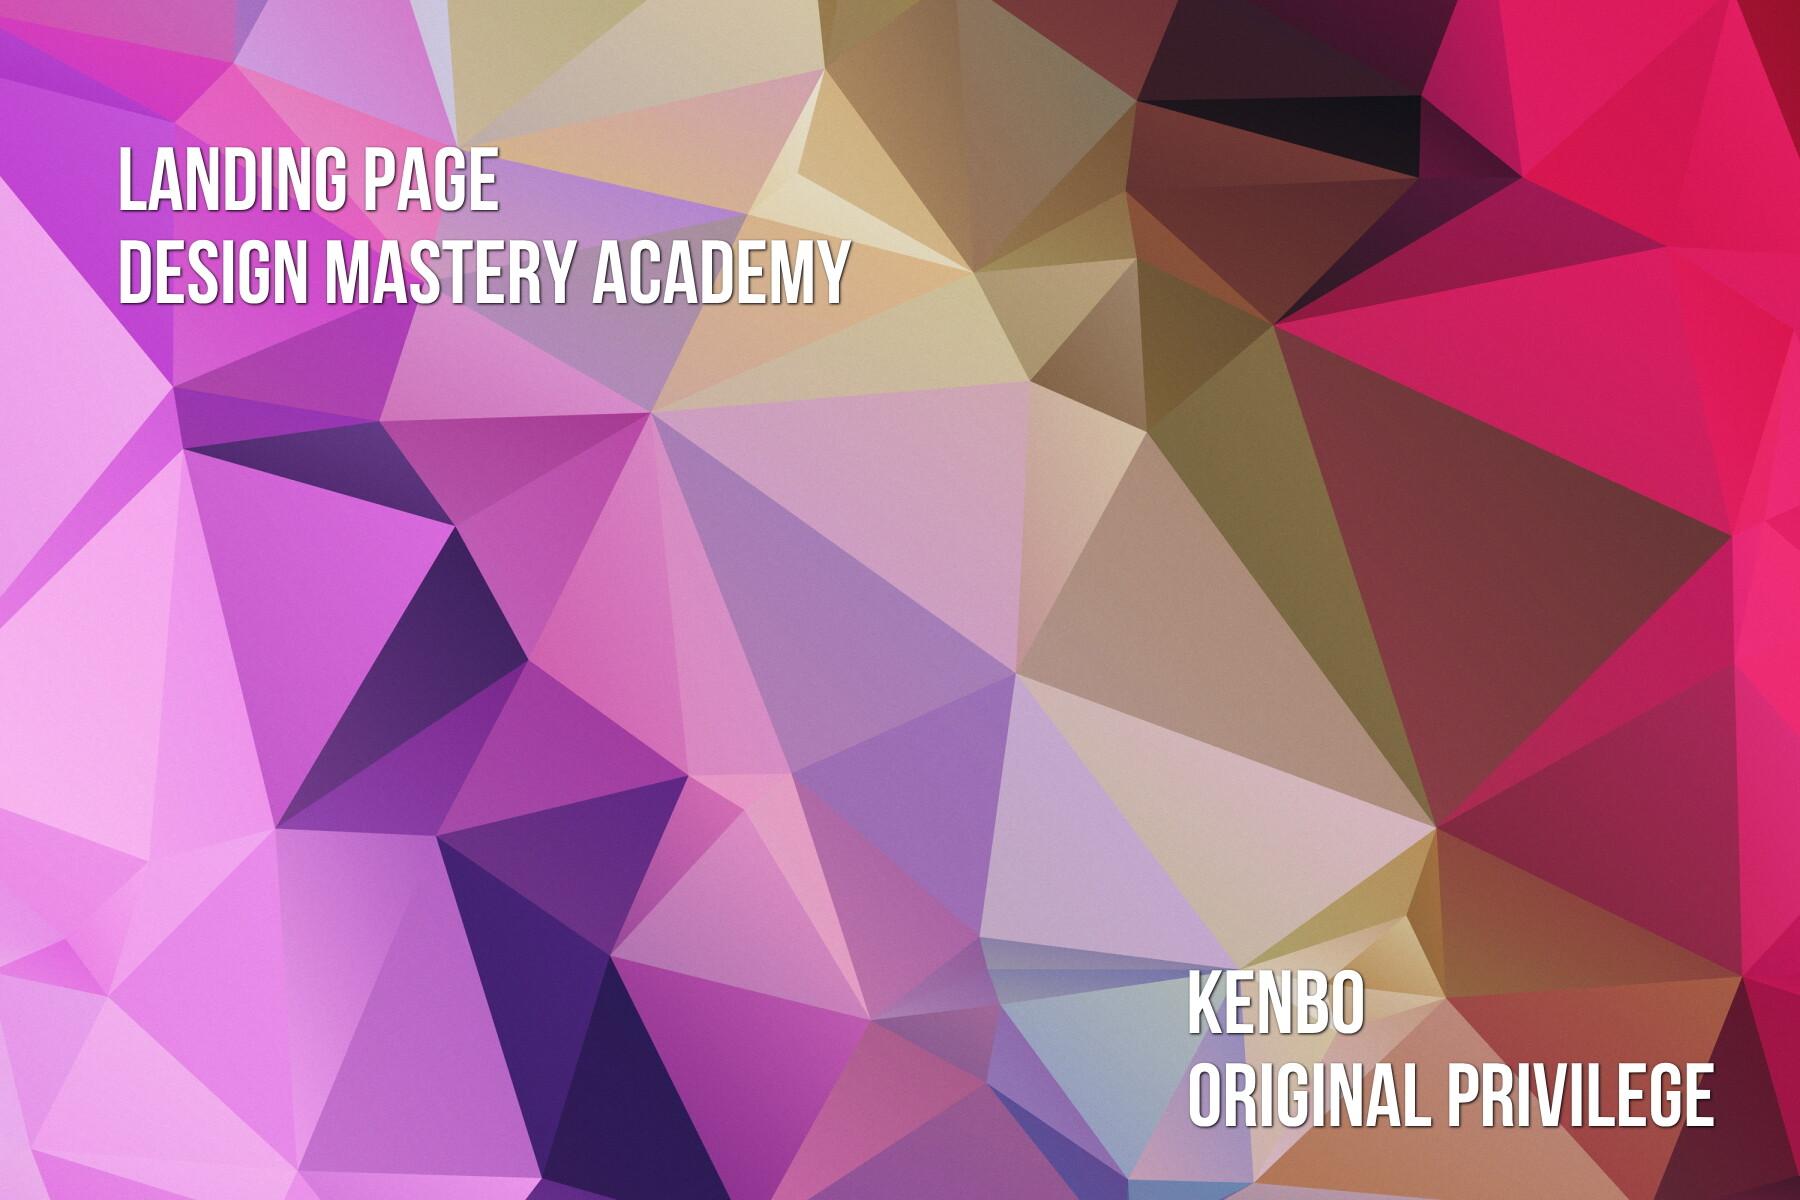 ランディングページデザインマスタリーアカデミー(LP特化WEBデザインスクール)とKENBO特典でLP達人になる~2期追加募集(2017/3/26まで)開校は4/1!